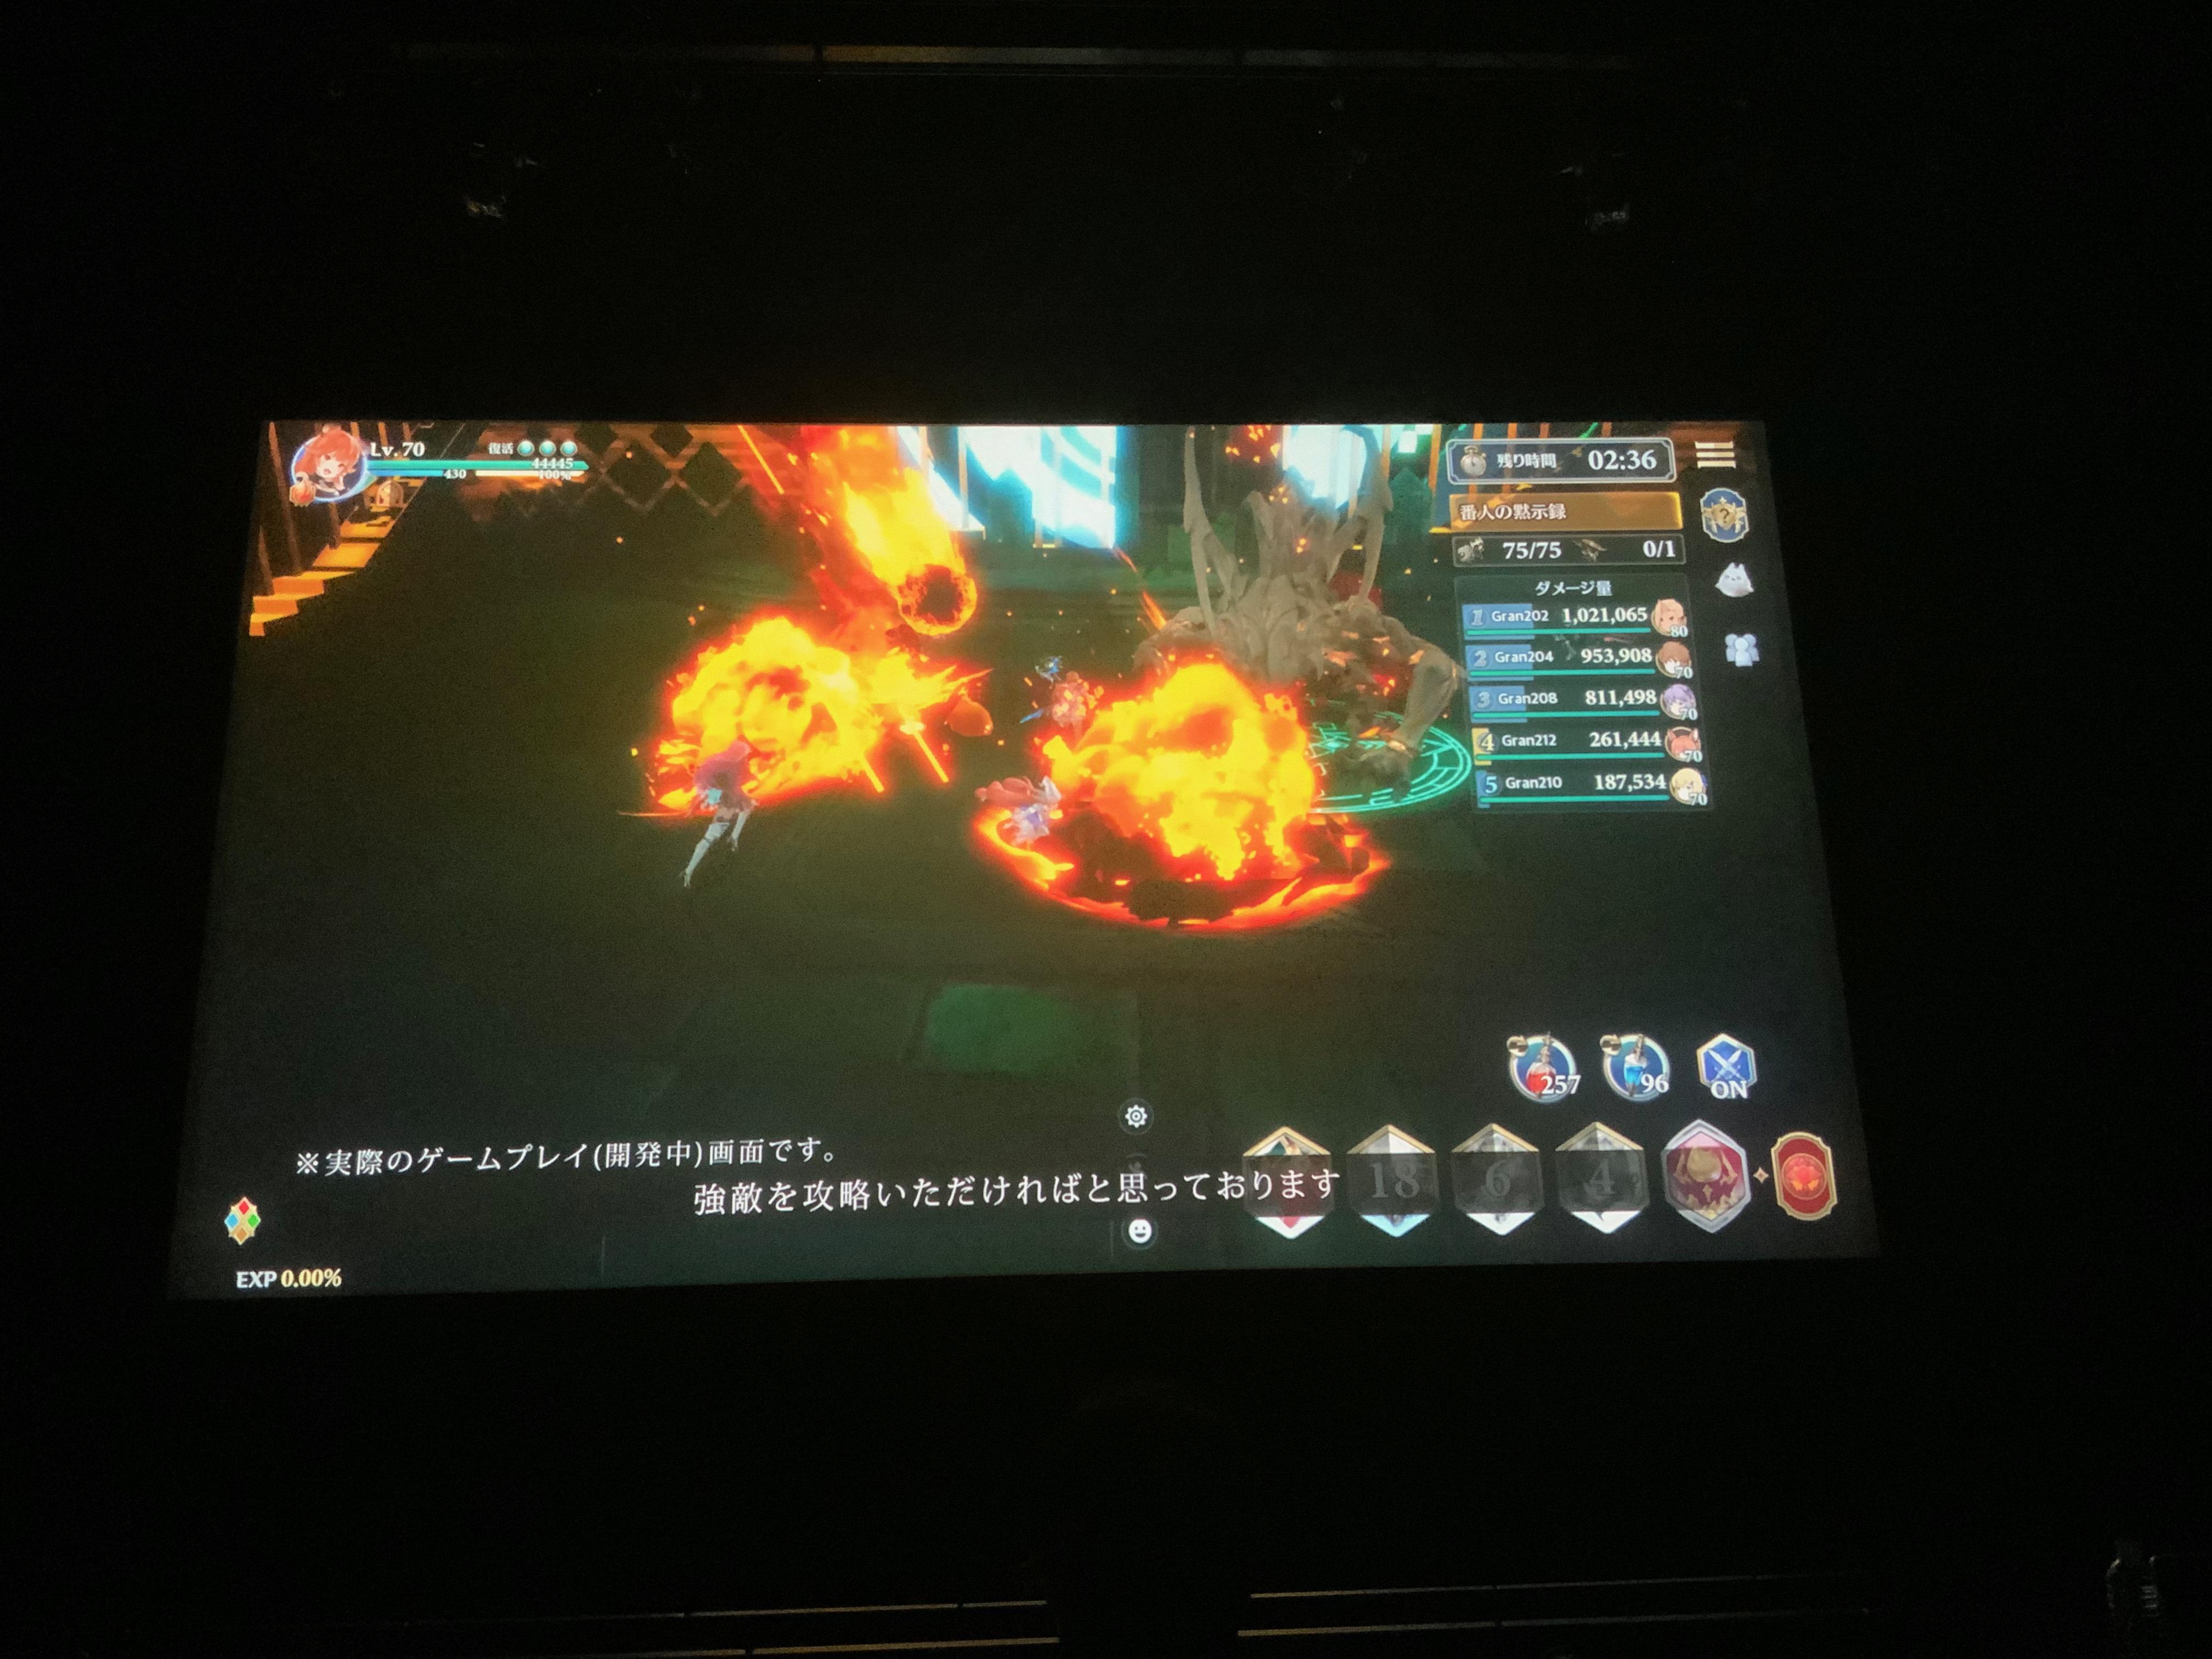 『グランサガ』ショーケースライブゲーム内のバトルシーン